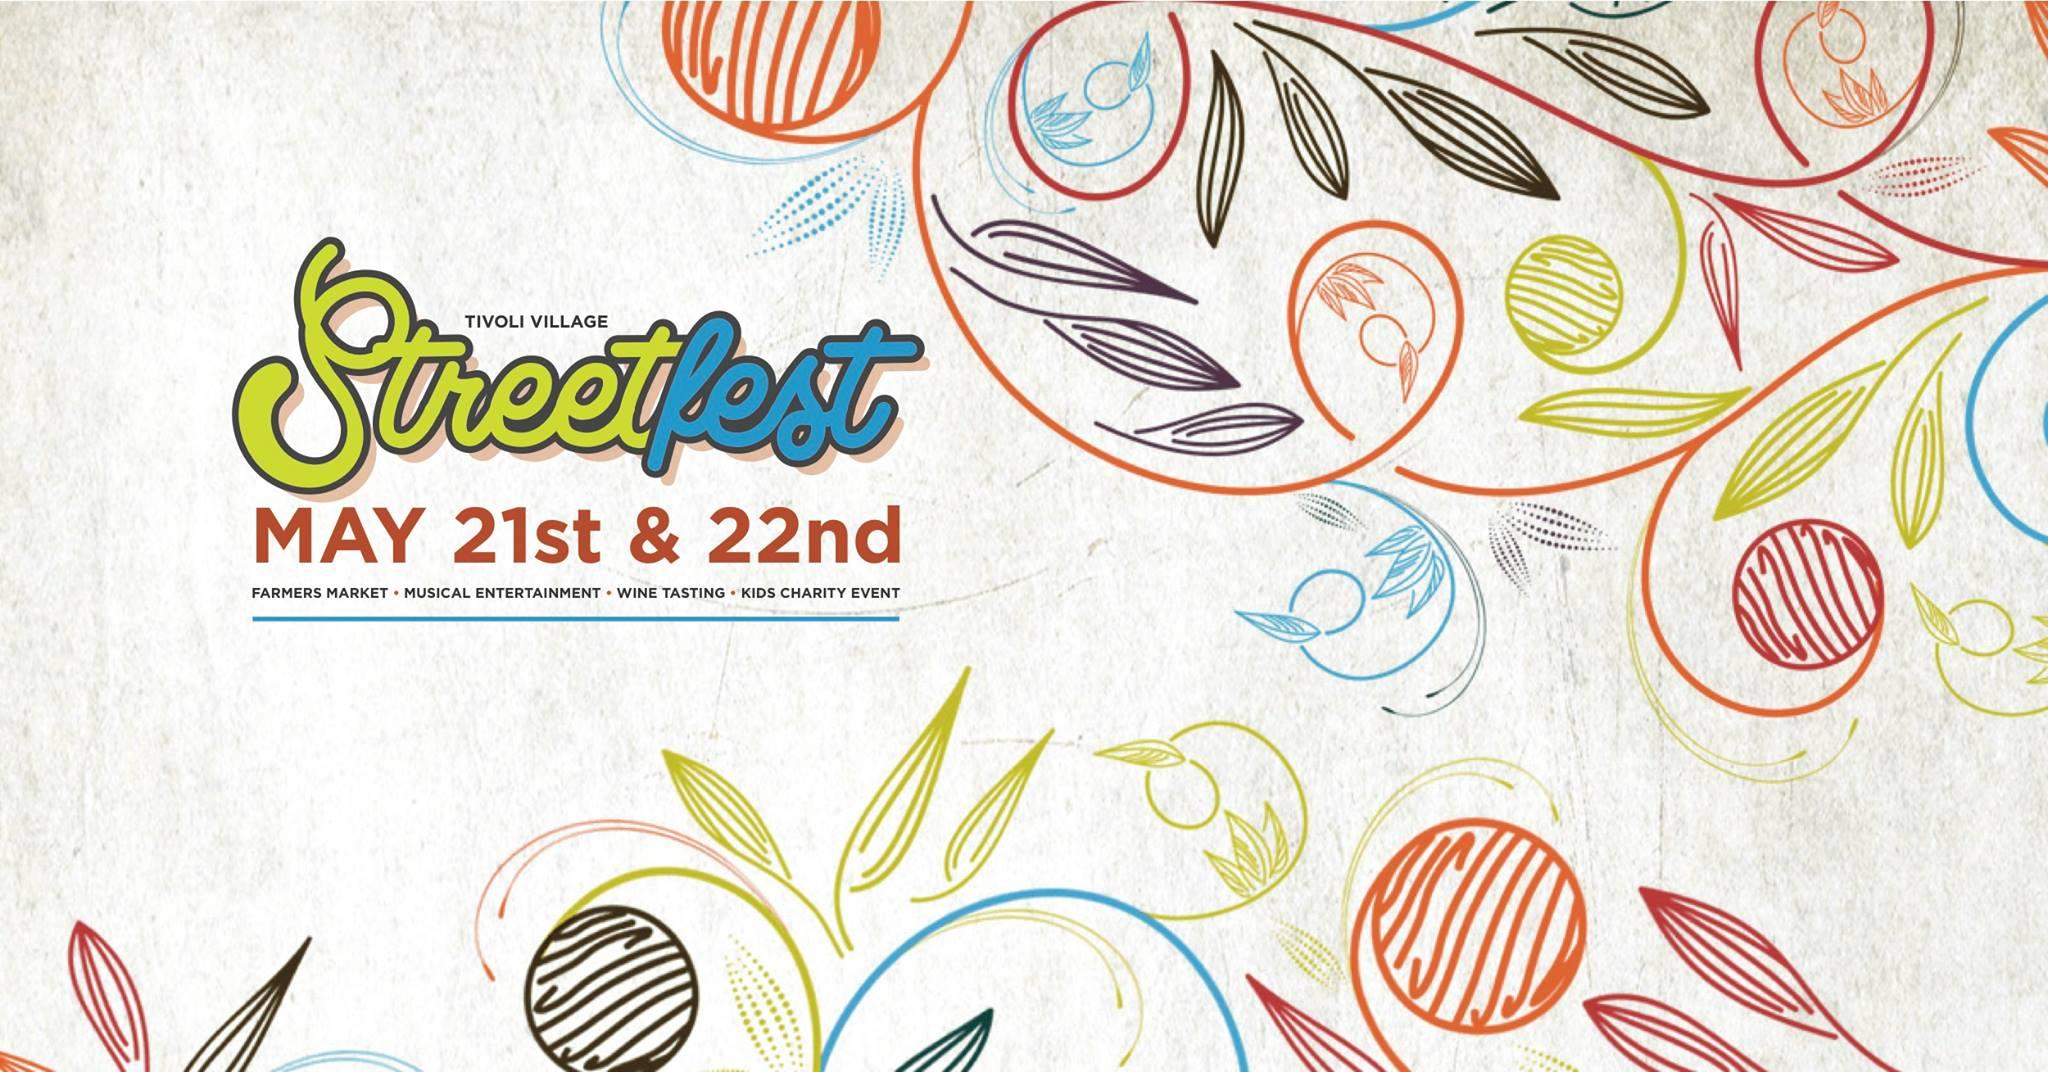 Tivoli Village Streetfest